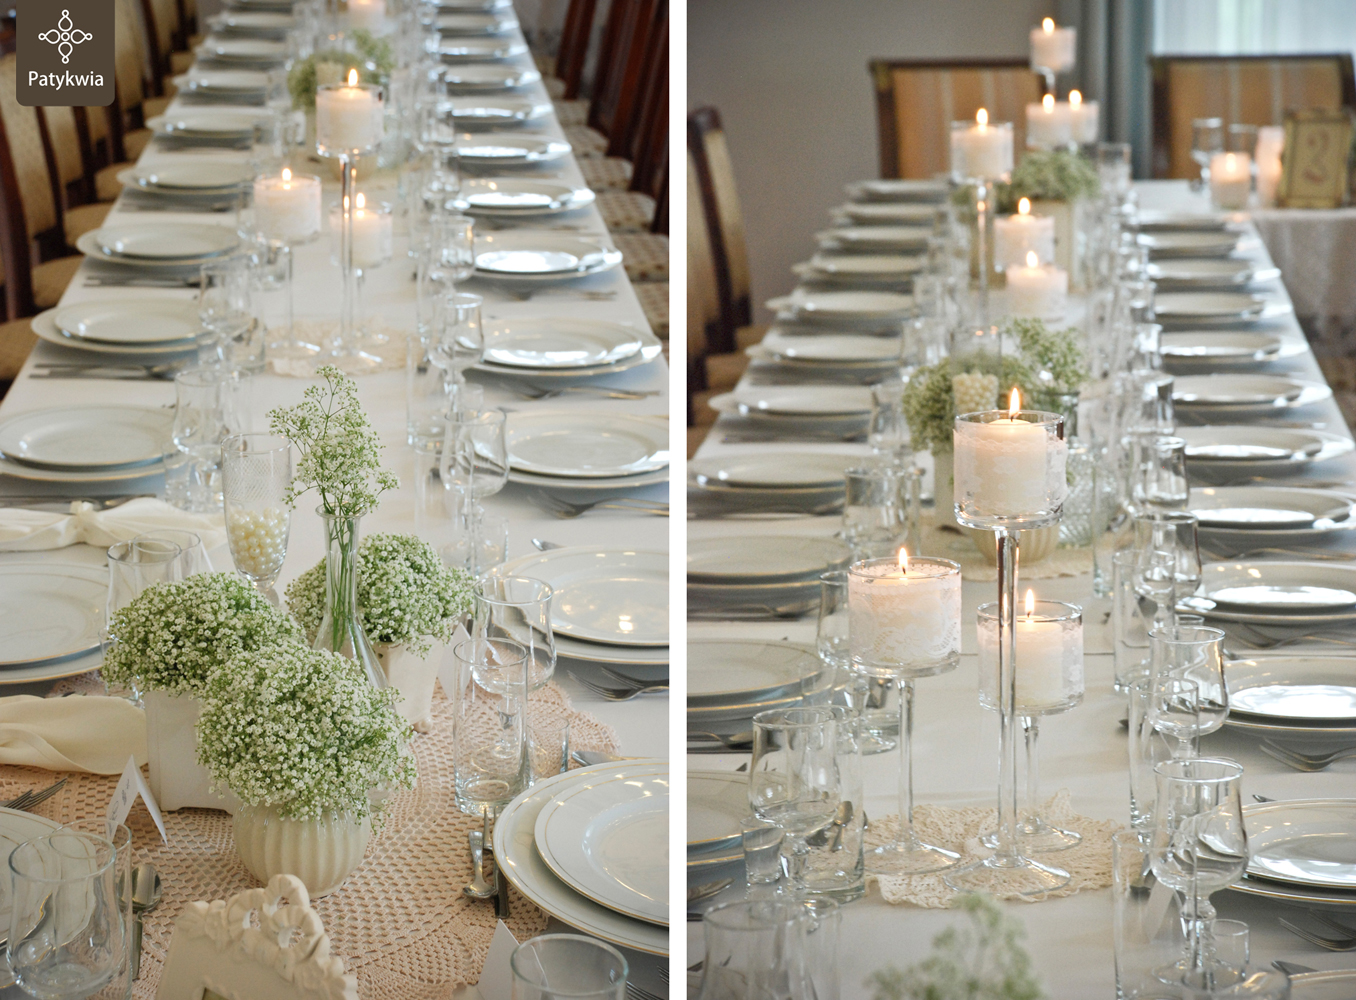 dekoracja wesela gipsówka